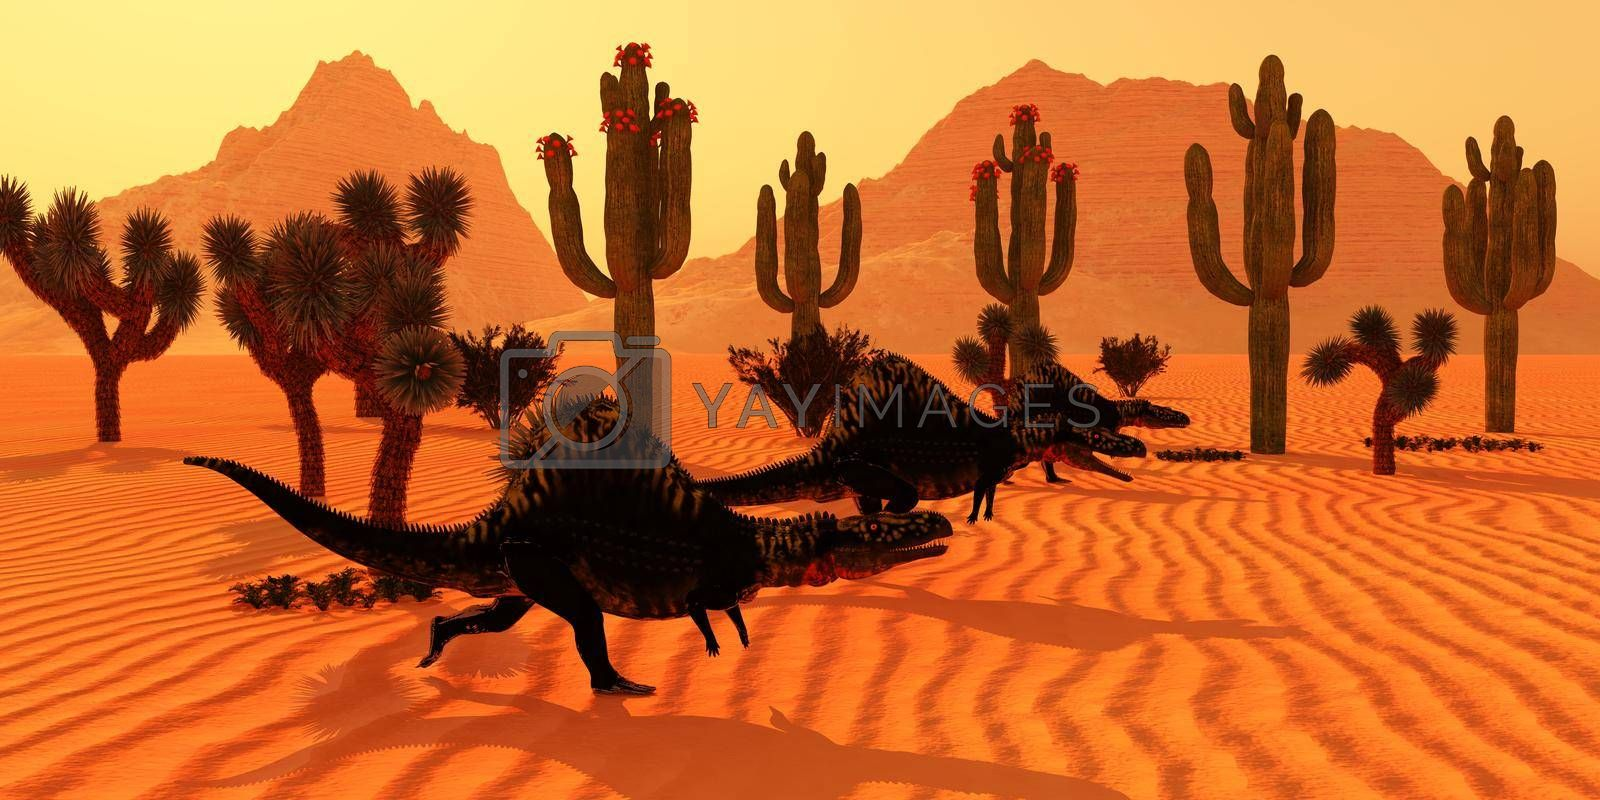 Royalty free image of Arizonasaurus Dinosaur Desert by Catmando